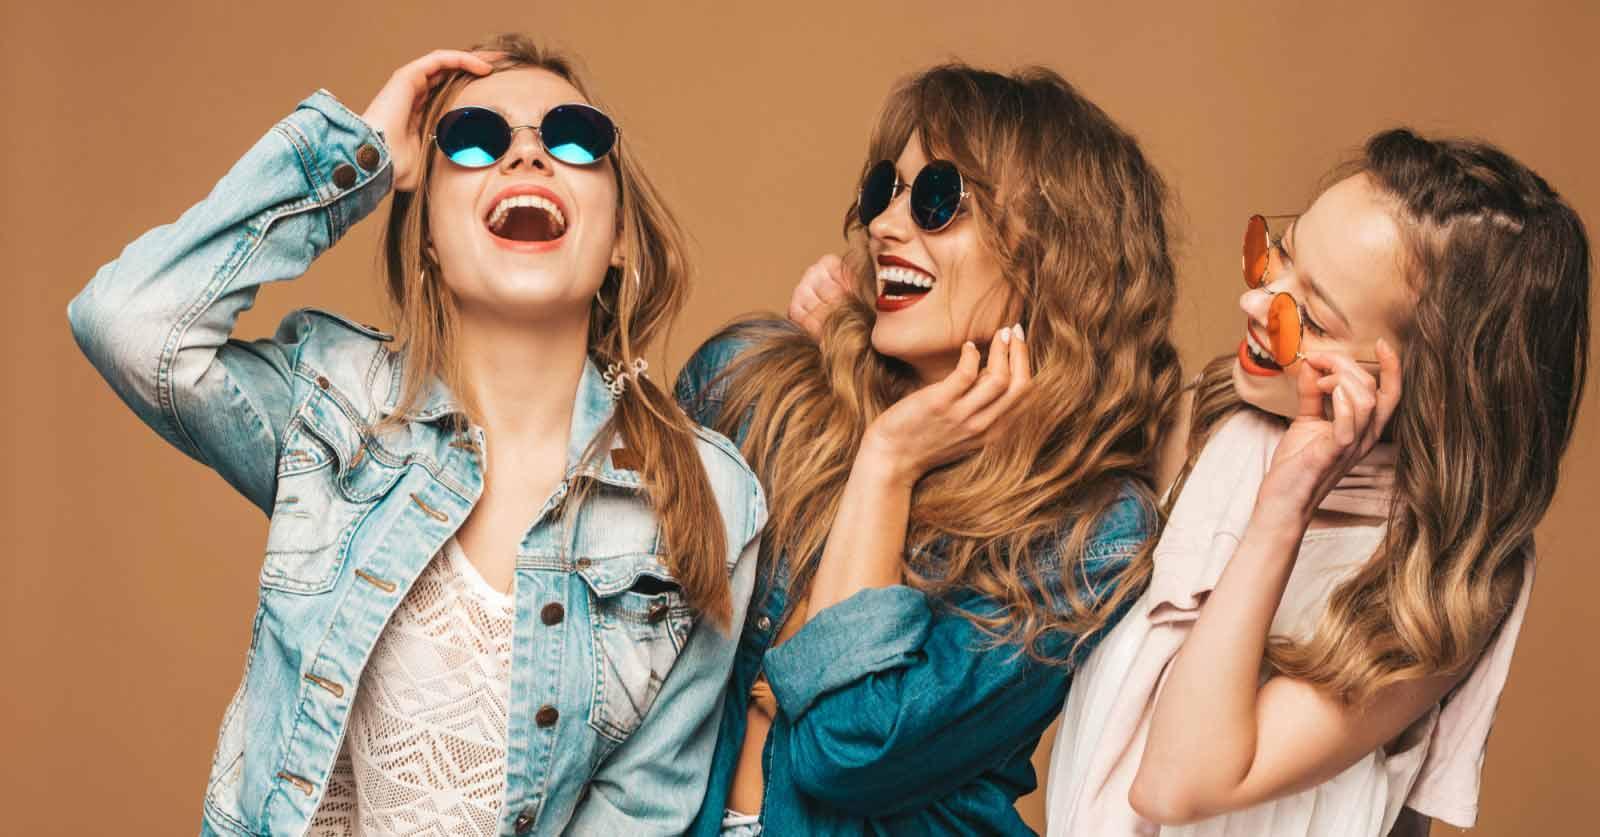 Scherzi e giochi per l'addio al nubilato: tante idee divertenti